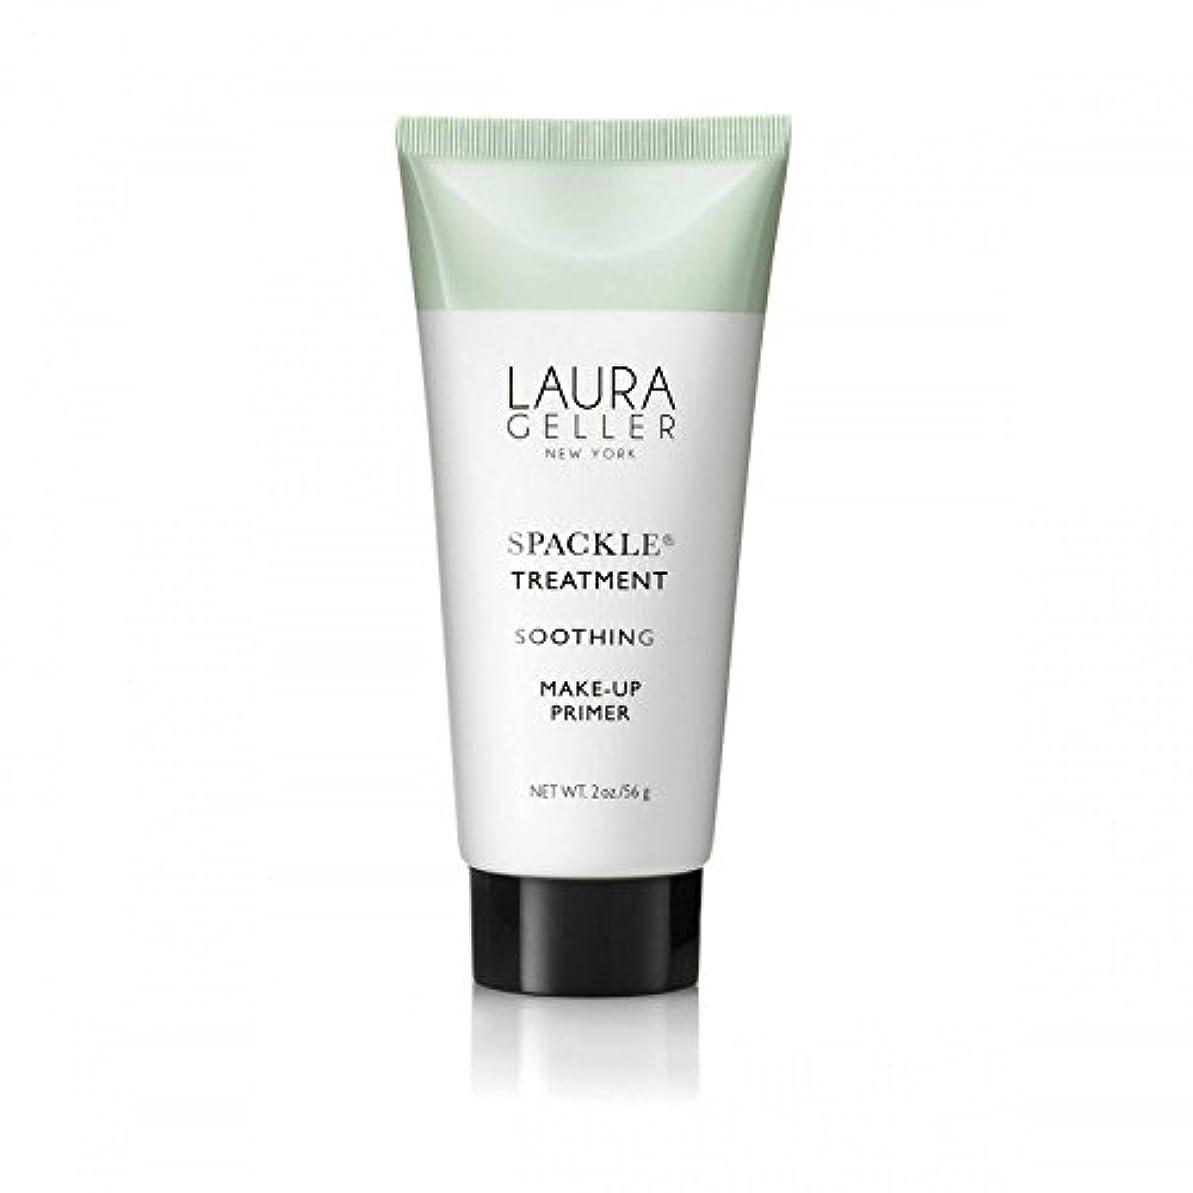 寛大なアルカイック最近Laura Geller Spackle Treatment Under Make-Up Primer Soothing - メイクアッププライマー癒しの下のローラ?ゲラー 処理 [並行輸入品]